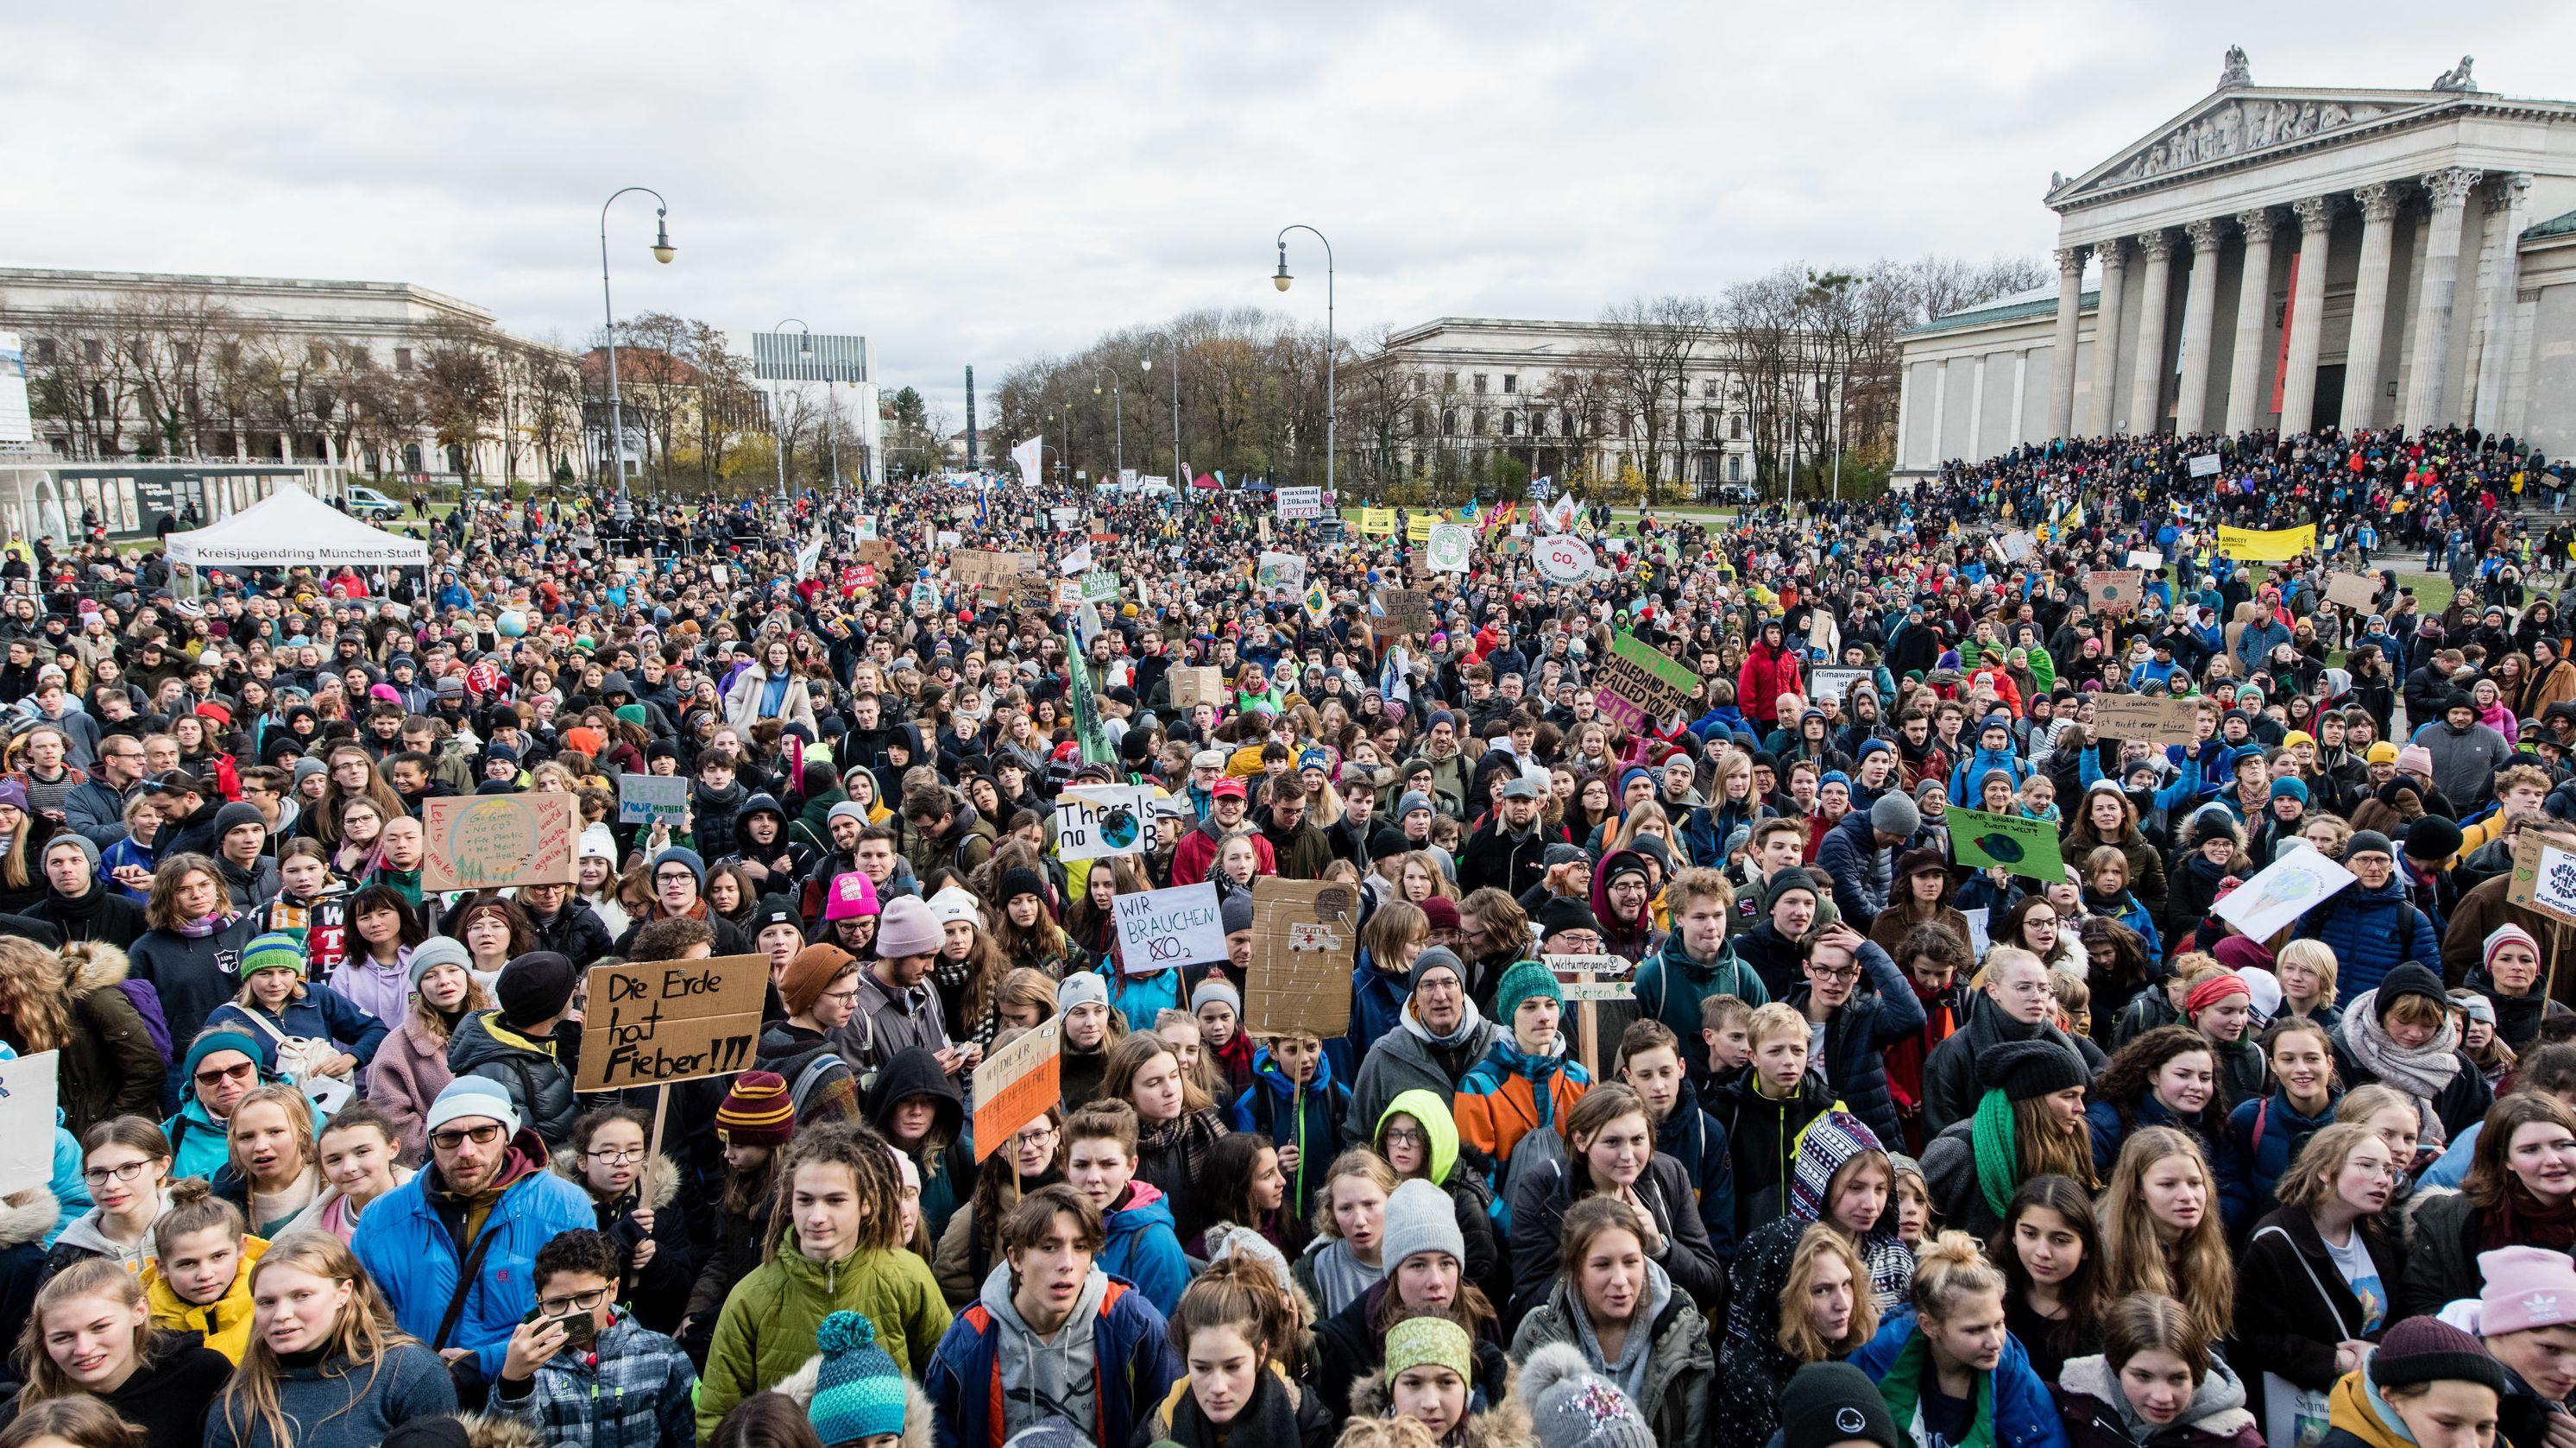 Der Münchner Königsplatz ist voll mit Menschen, die für mehr Klimaschutz demonstrieren.